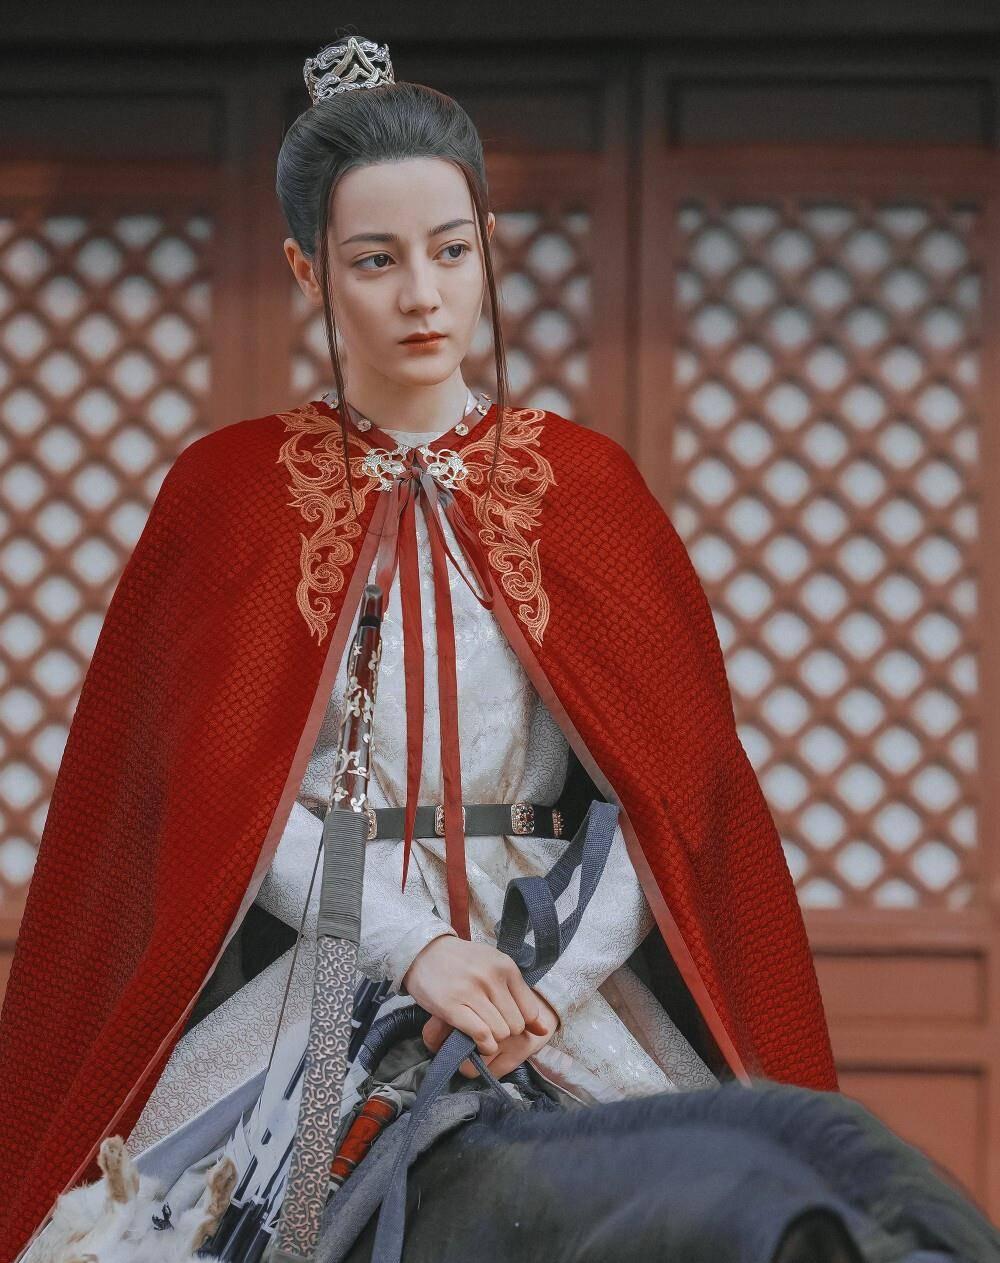 穿越古代当皇妃 穿越男到了古代成皇后